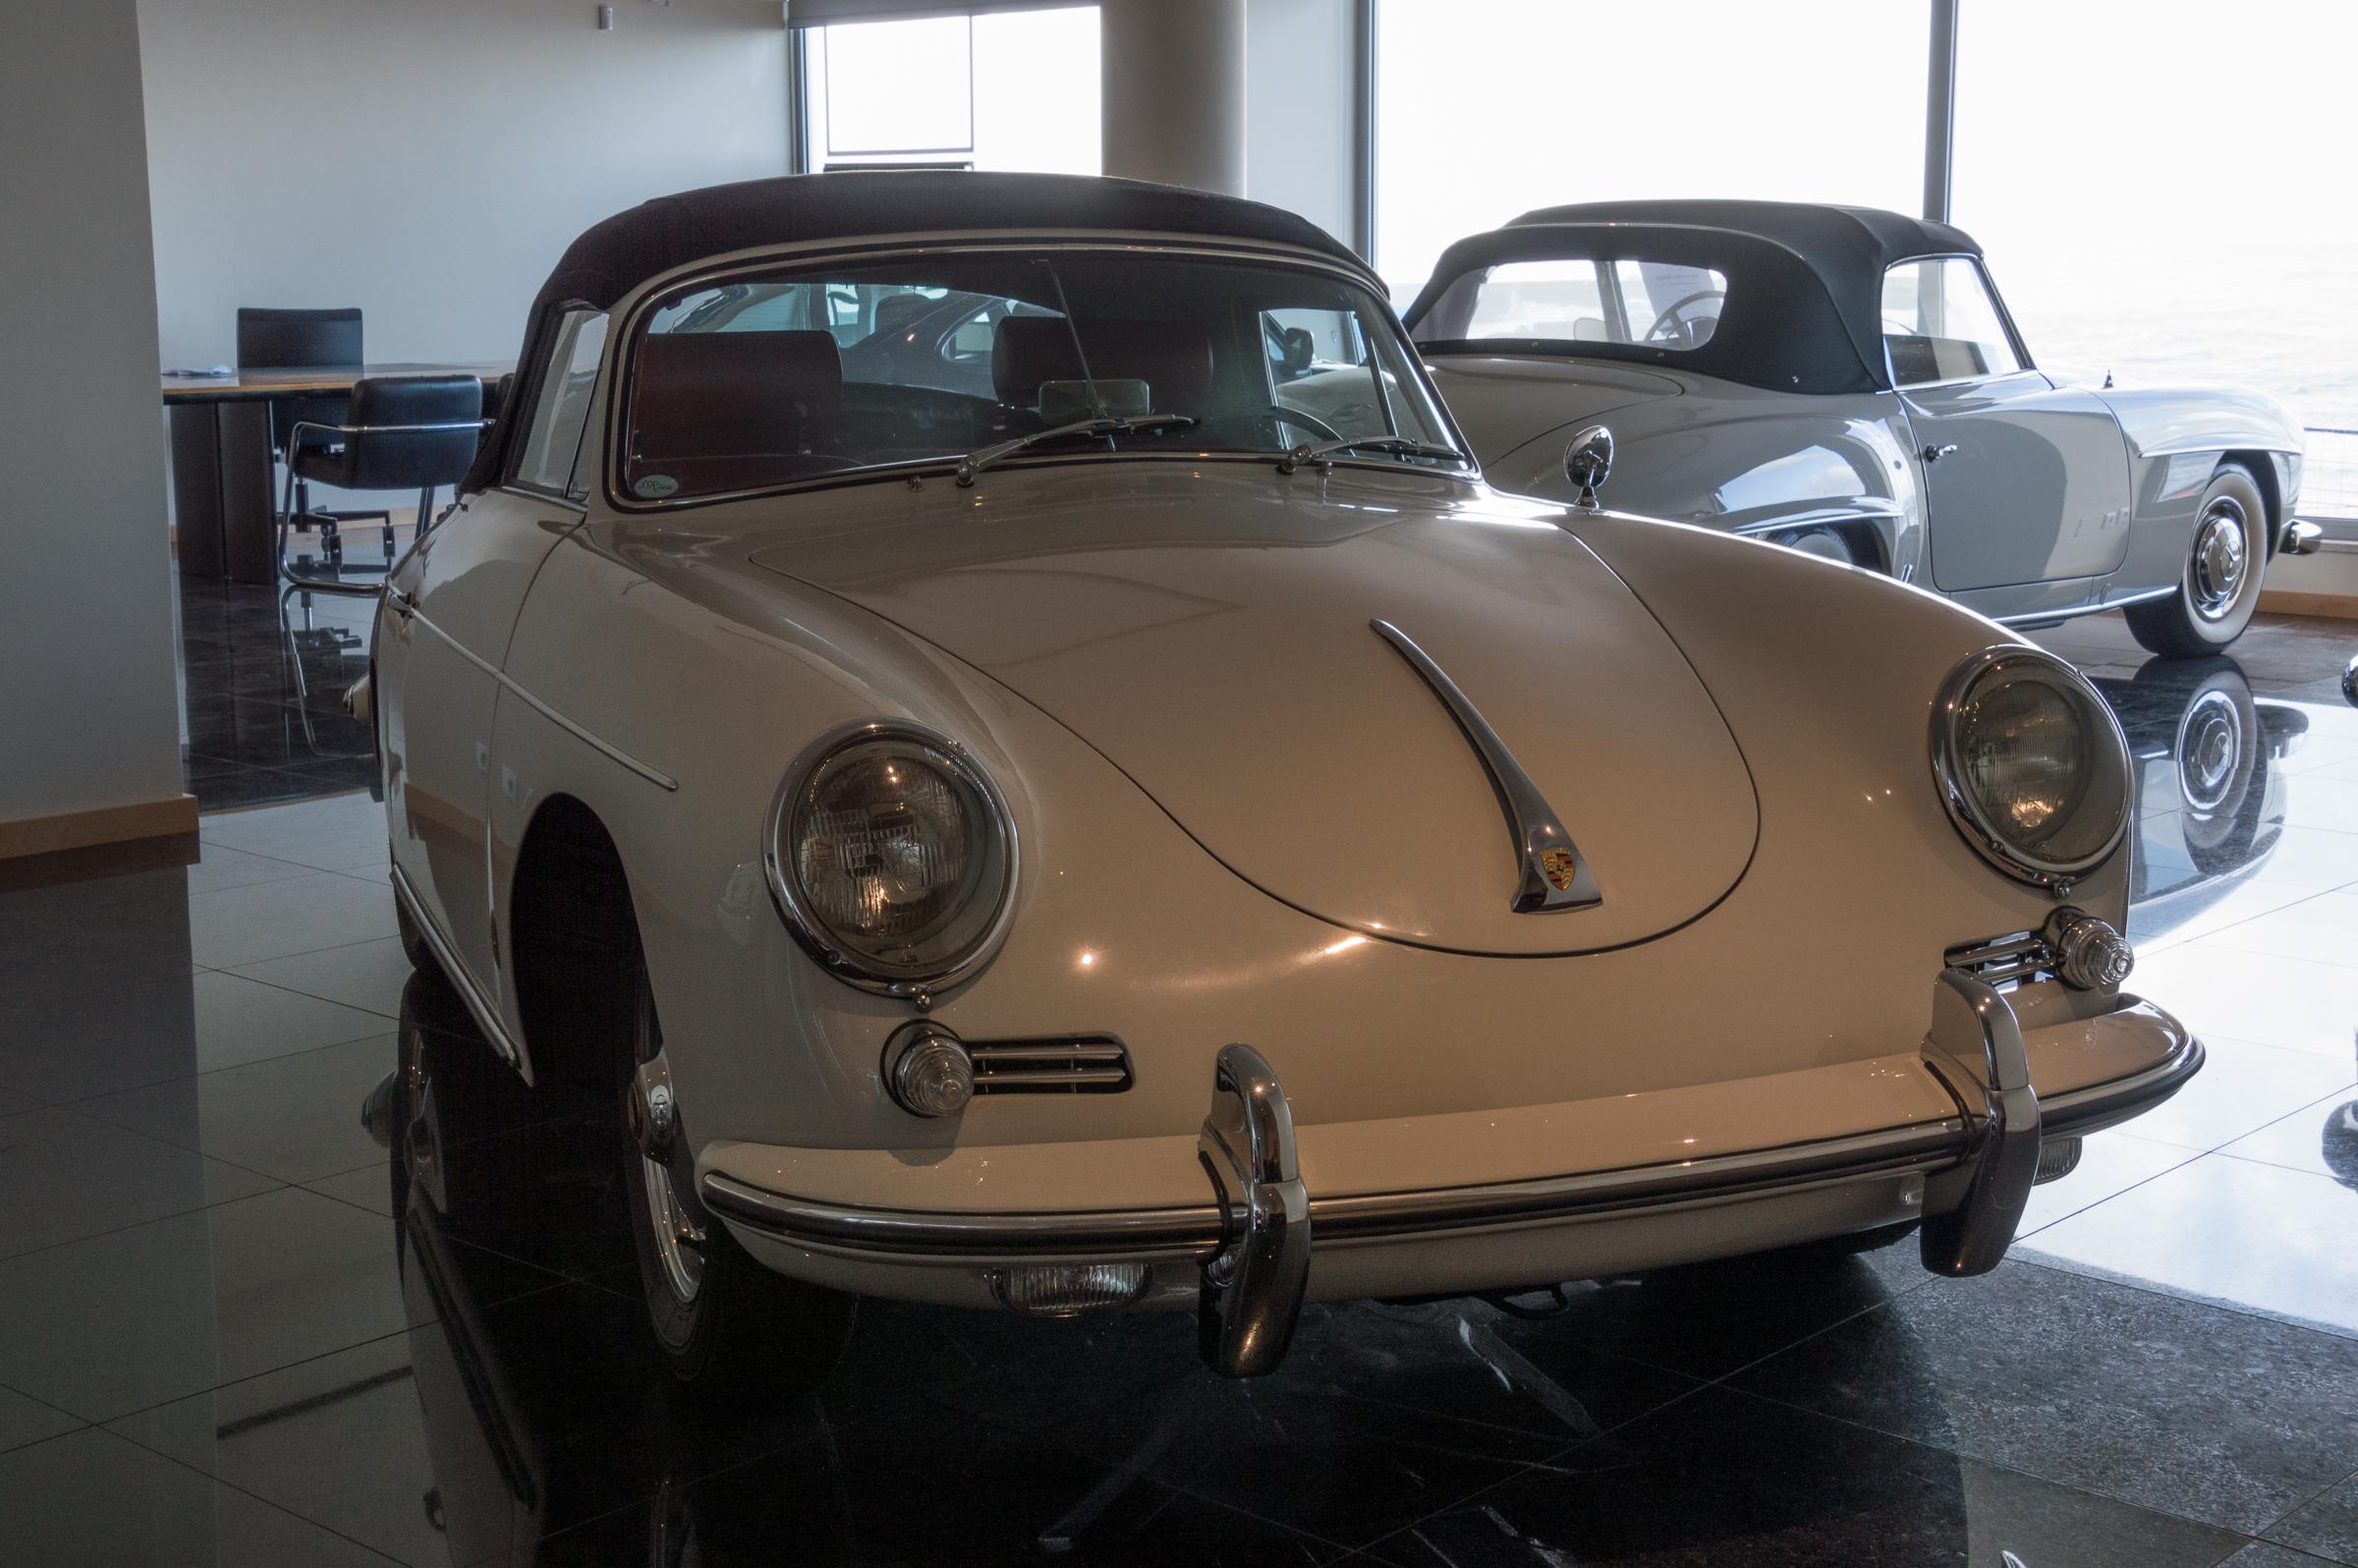 1960 Porsche 356 B T5 Super 90 Classic Driver Market